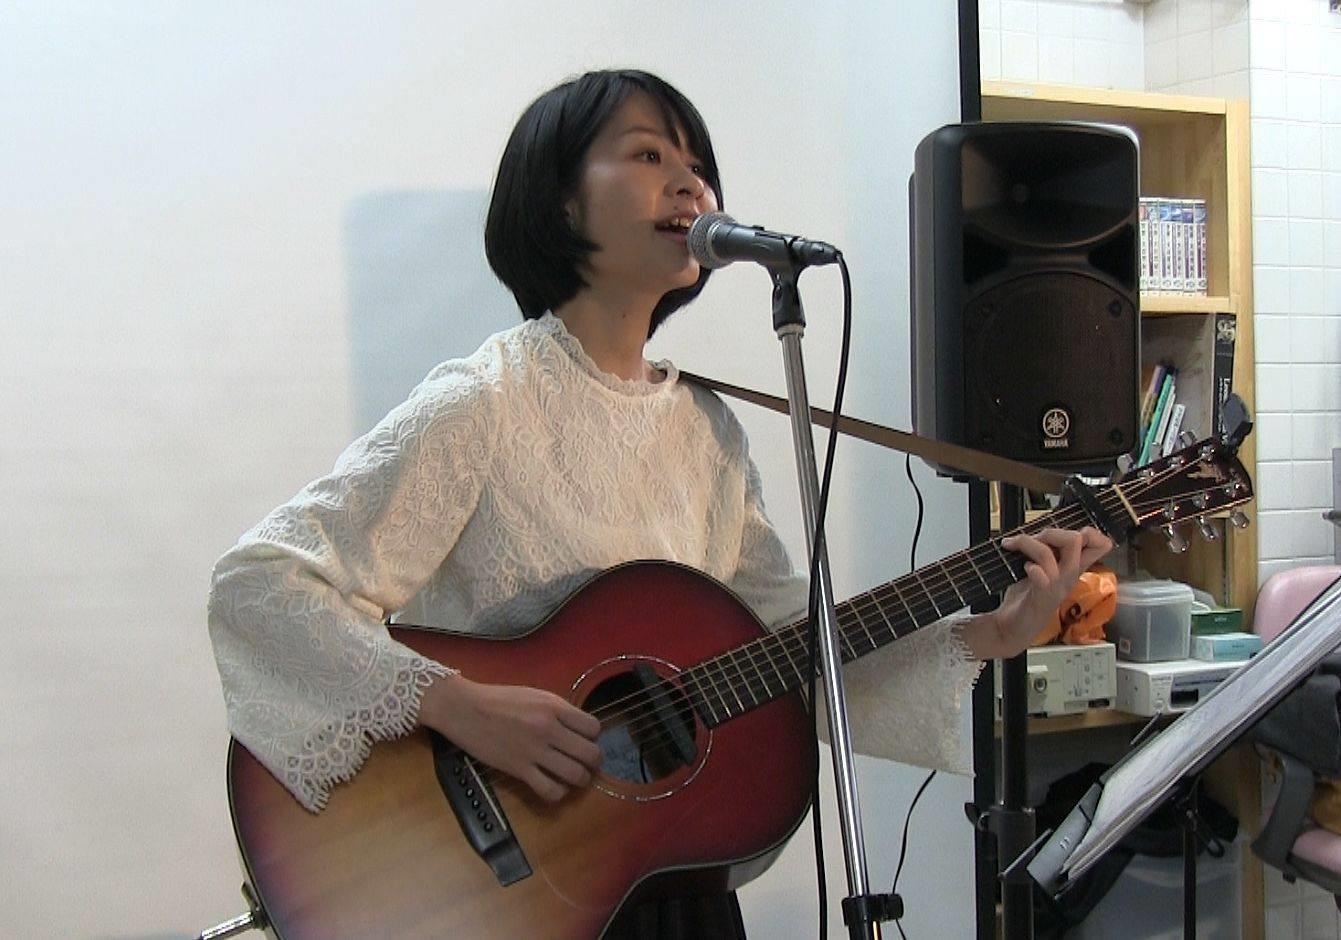 介護士であり、シンガーソングライターである かんのめぐみさん